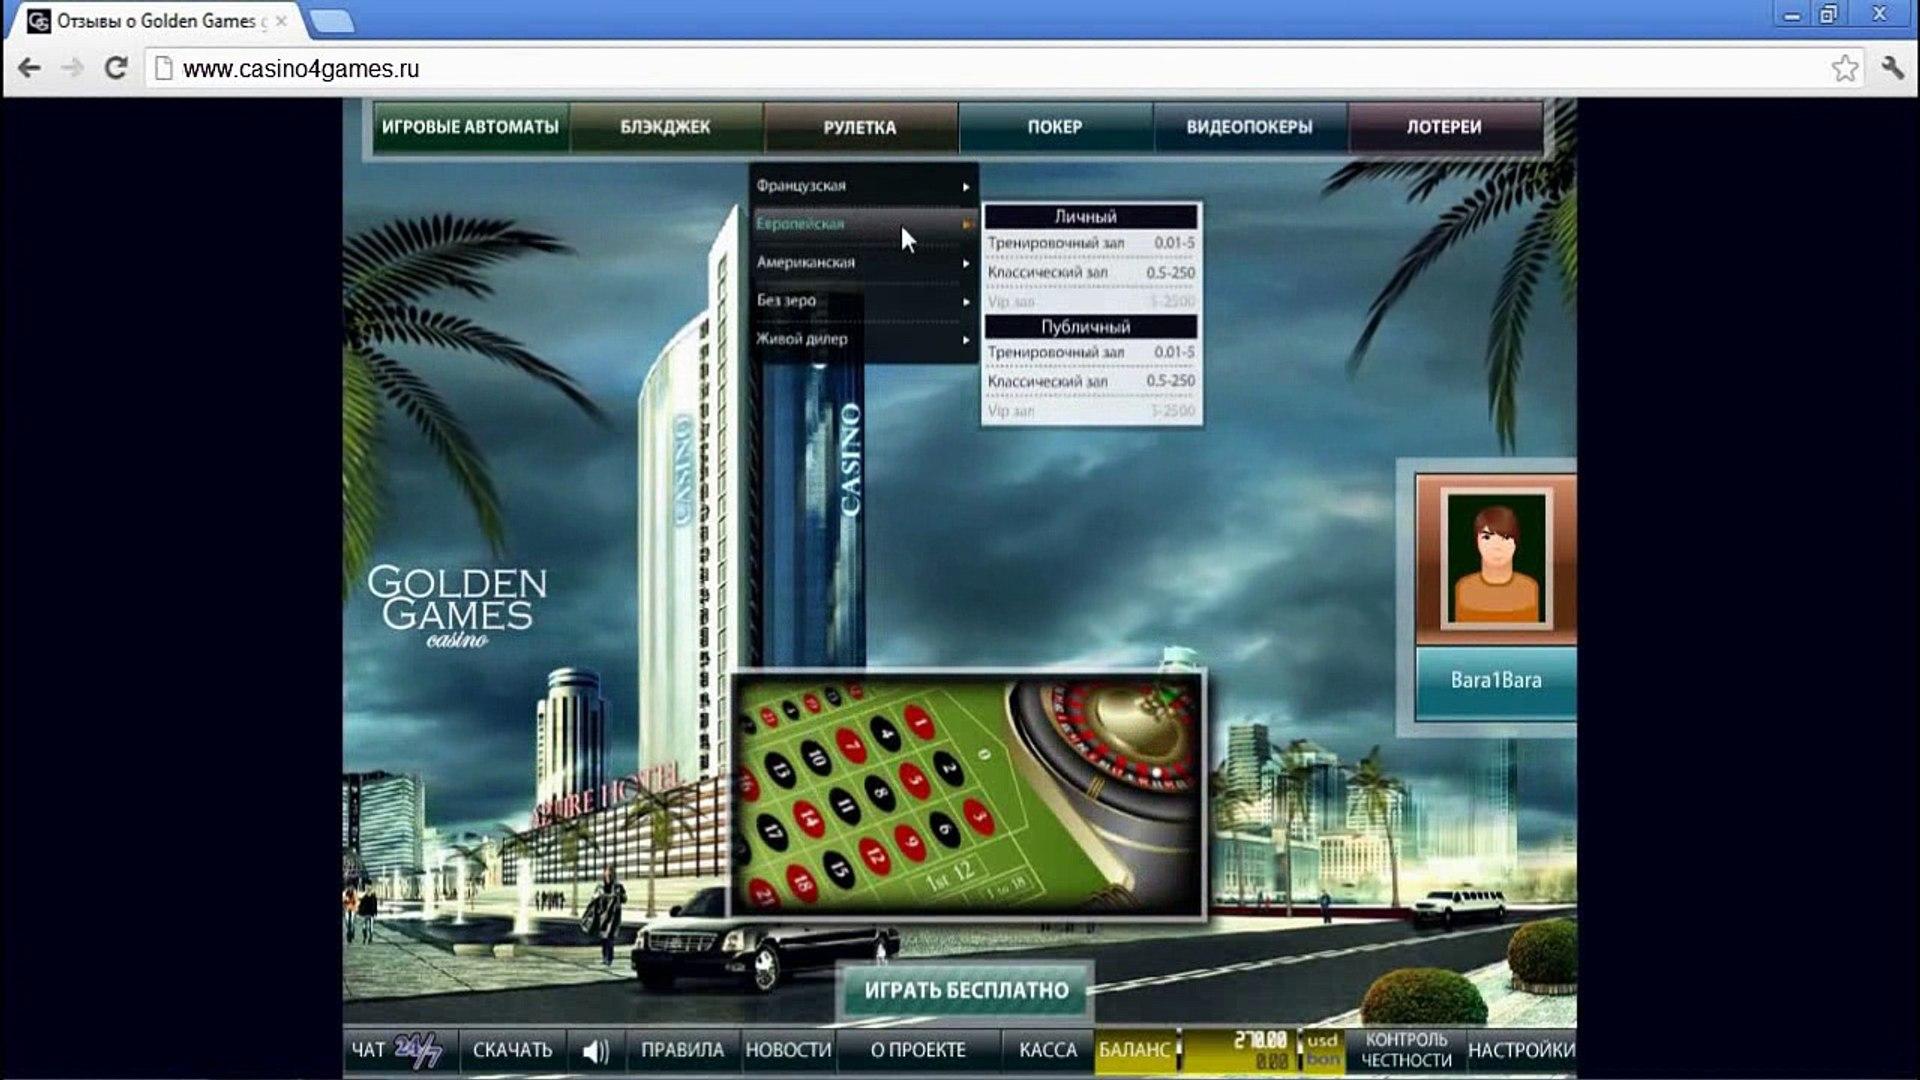 онлайн казино golden games отзывы